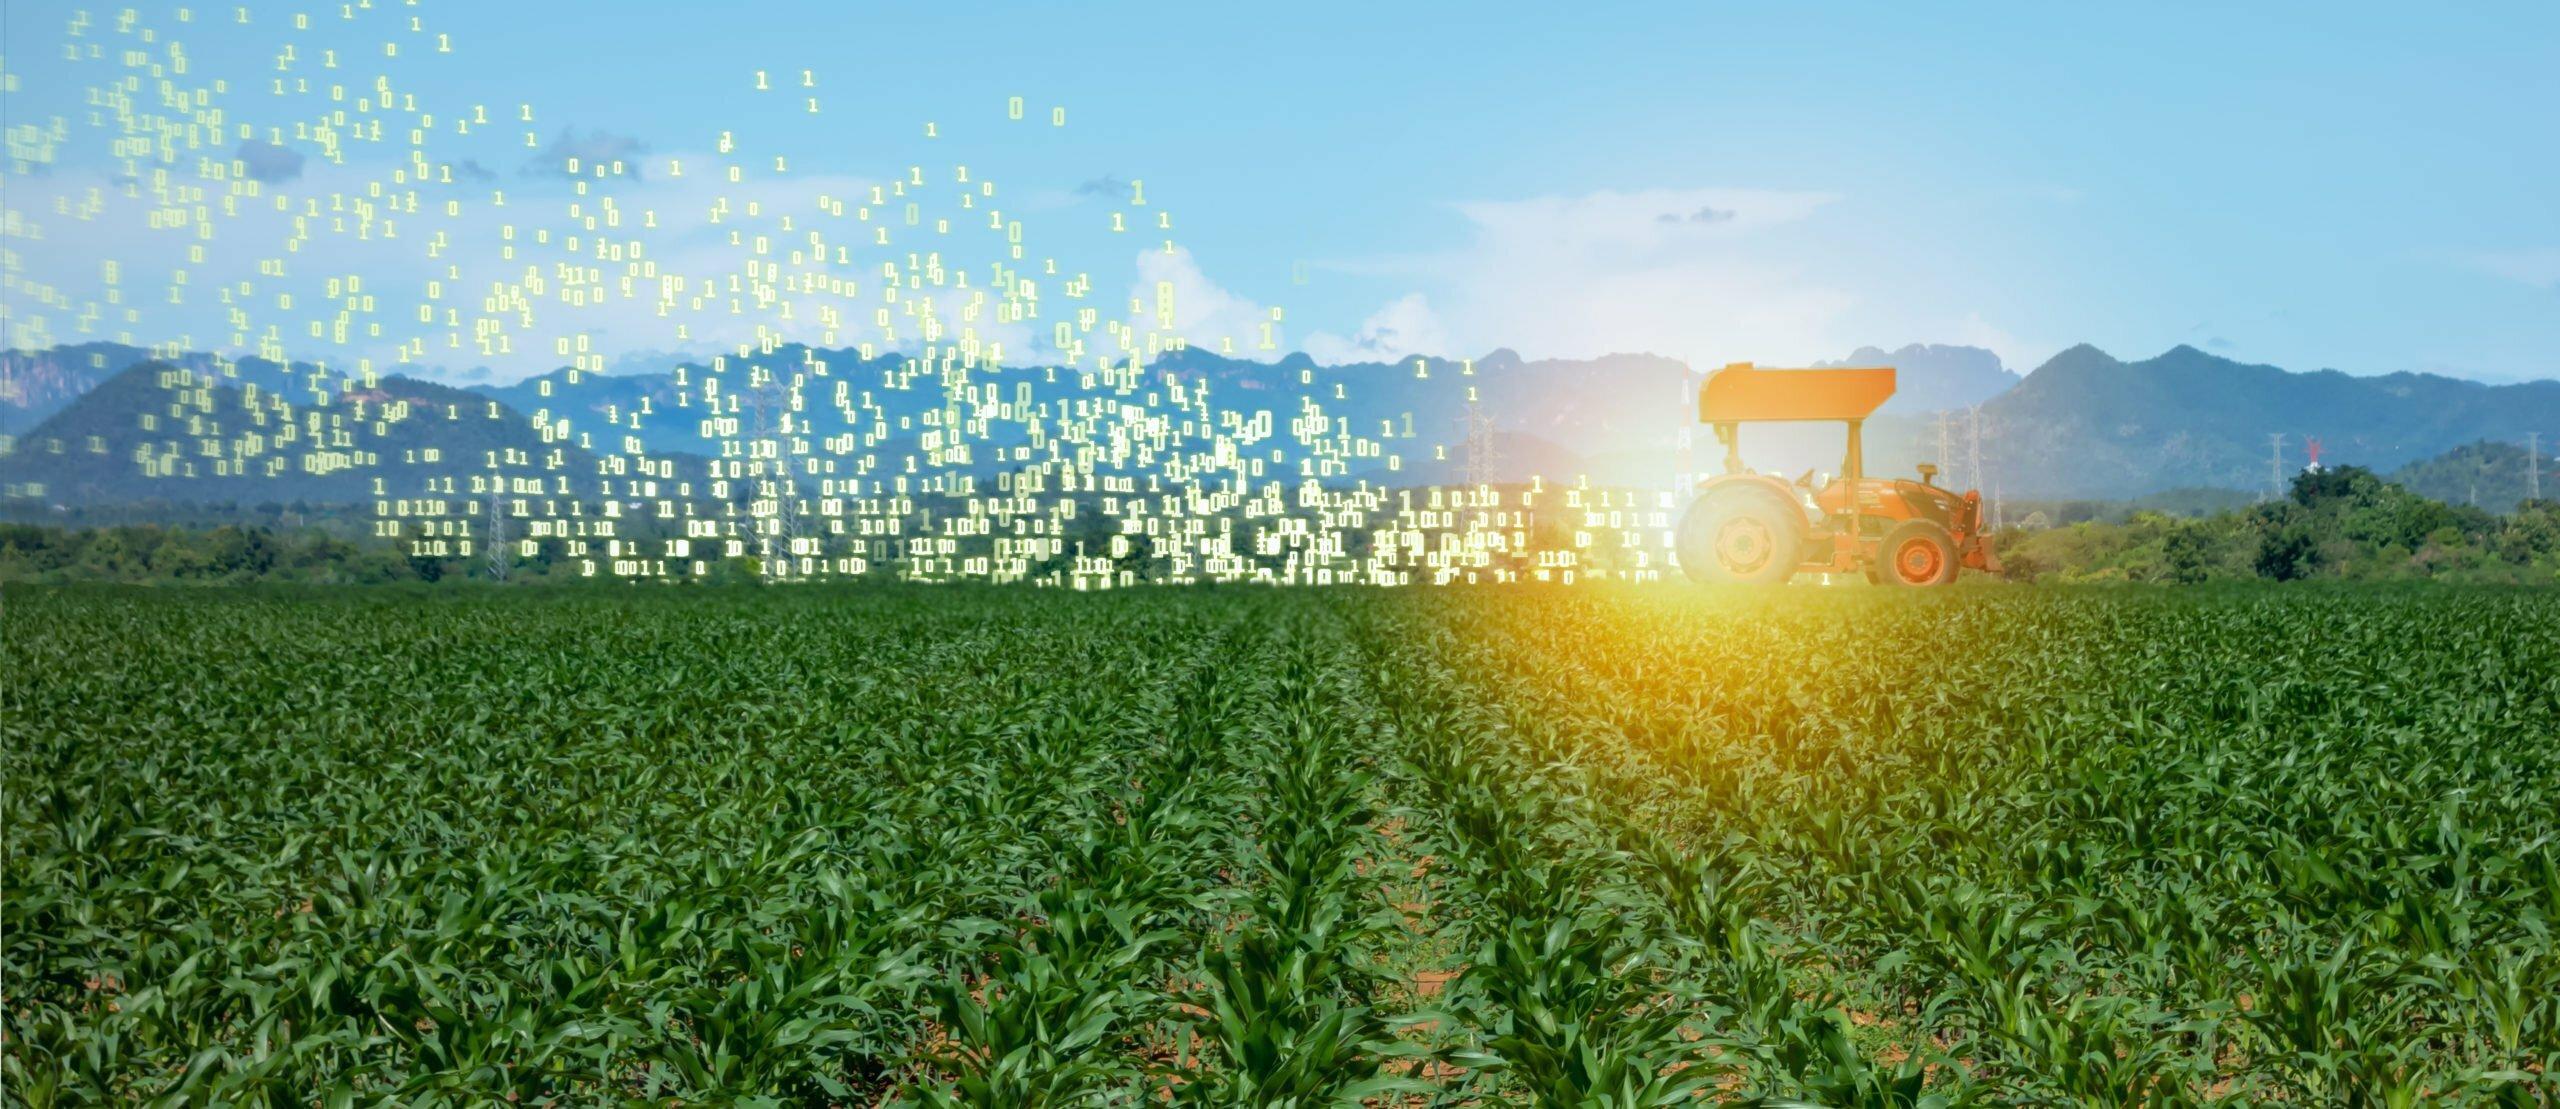 Farming has gone digital